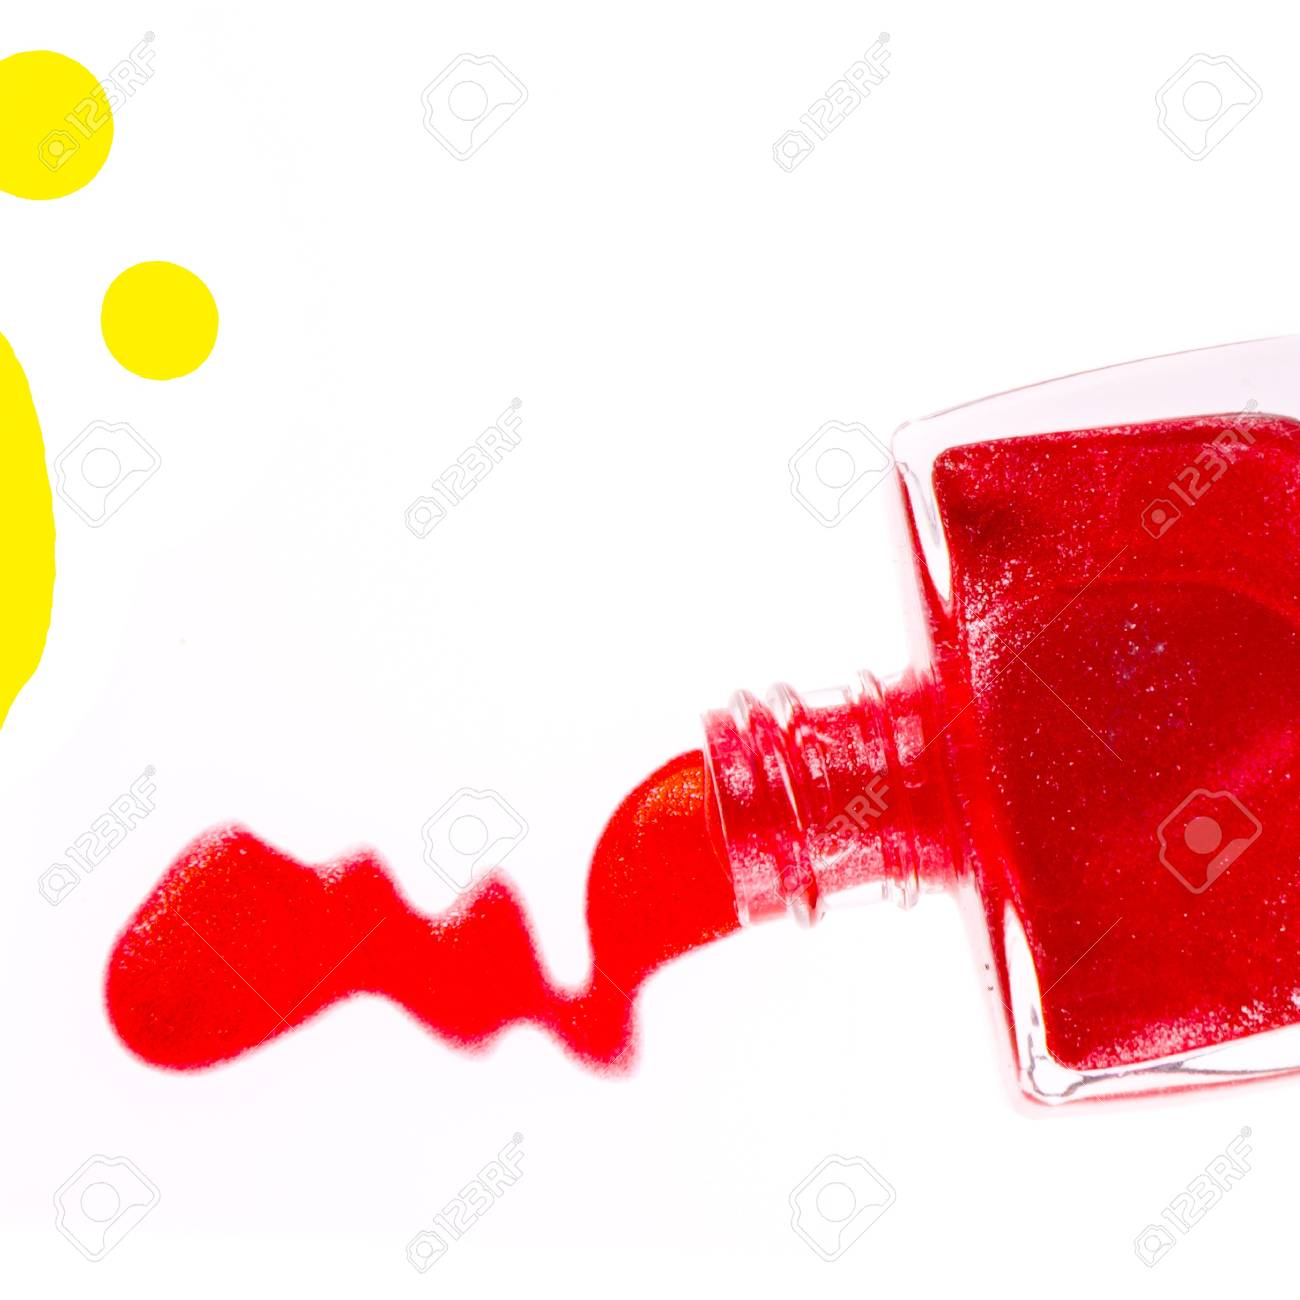 spilled nail polish isolated on white background Stock Photo - 12727570